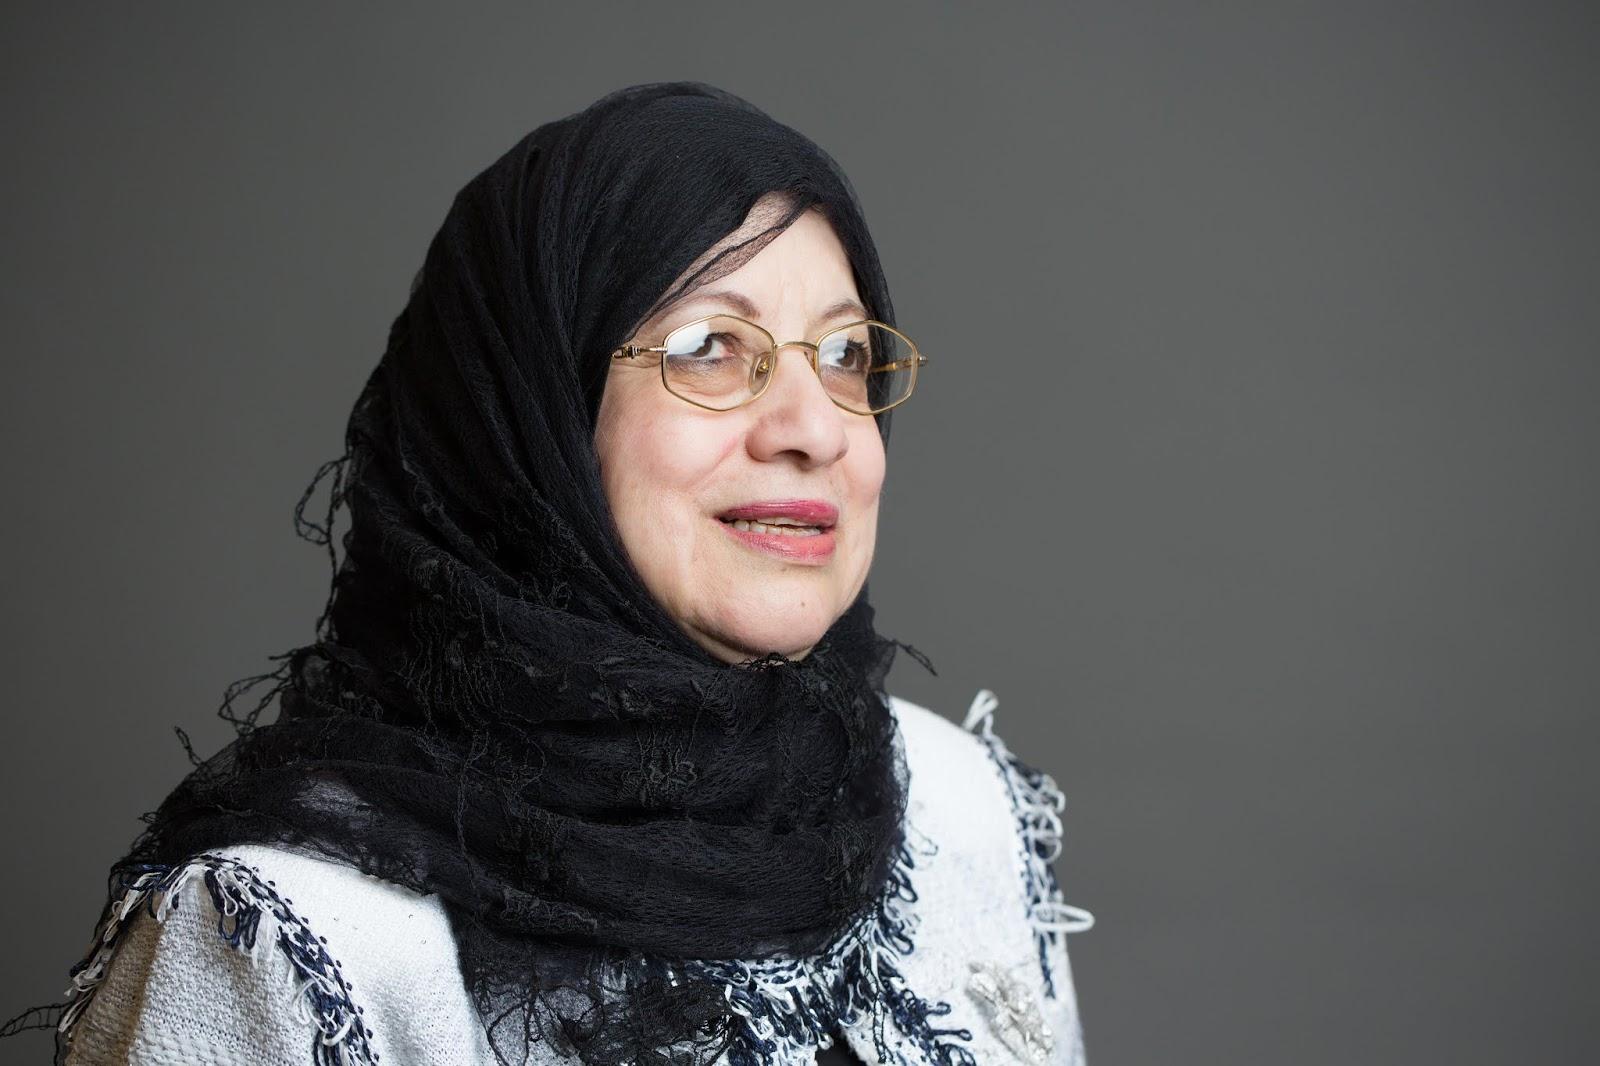 لجوء المراهقات السعوديات و…غياب حوار الآباء مع الأبناء(3)